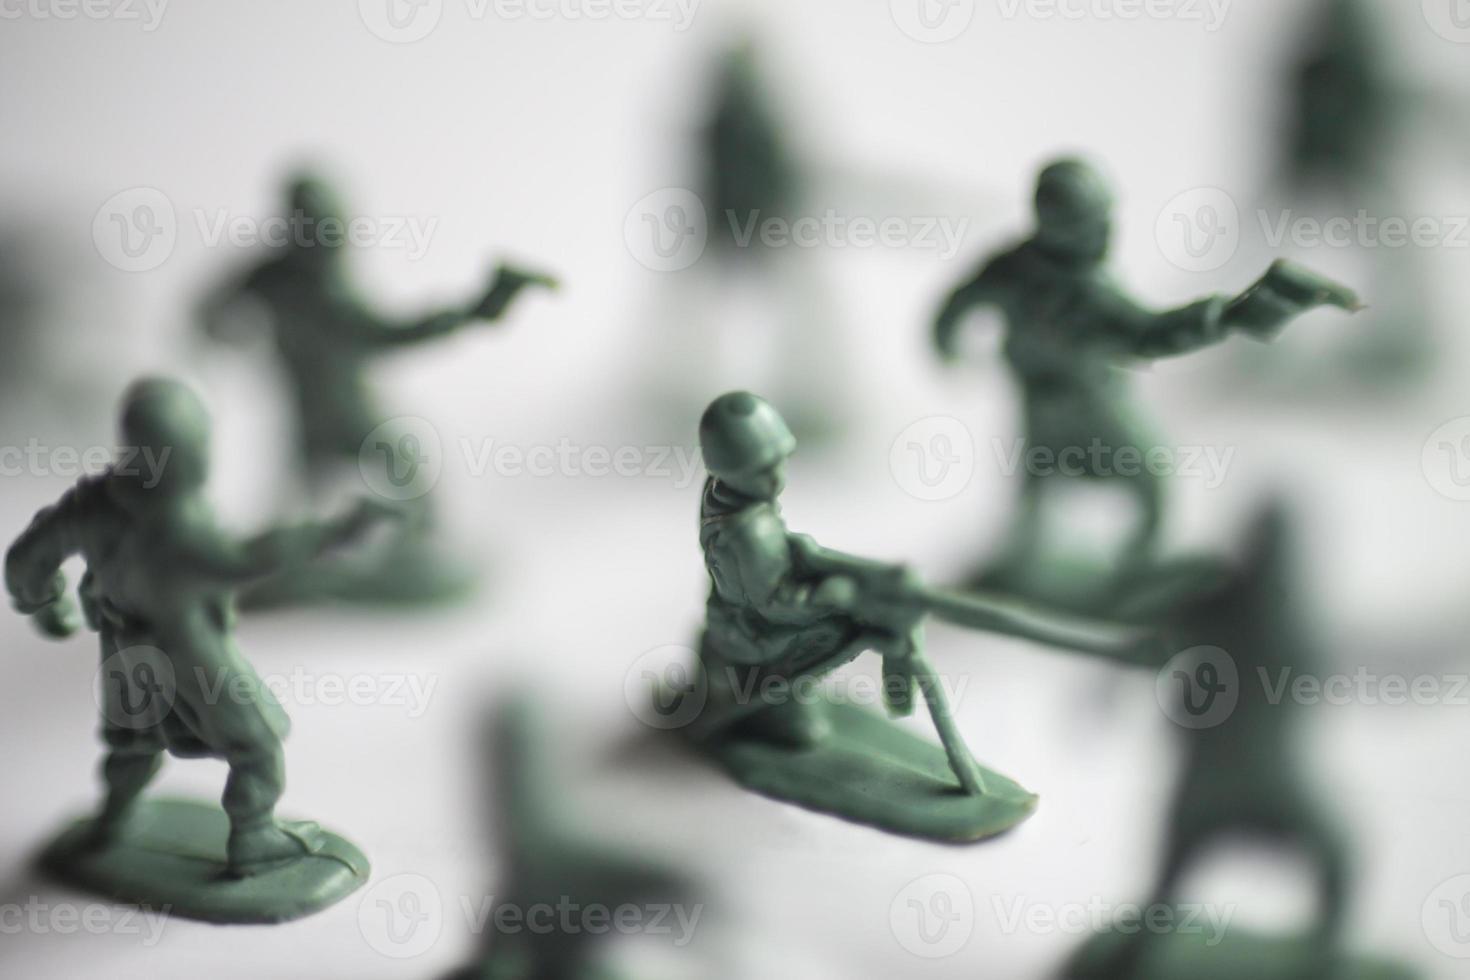 juguetes del ejército foto